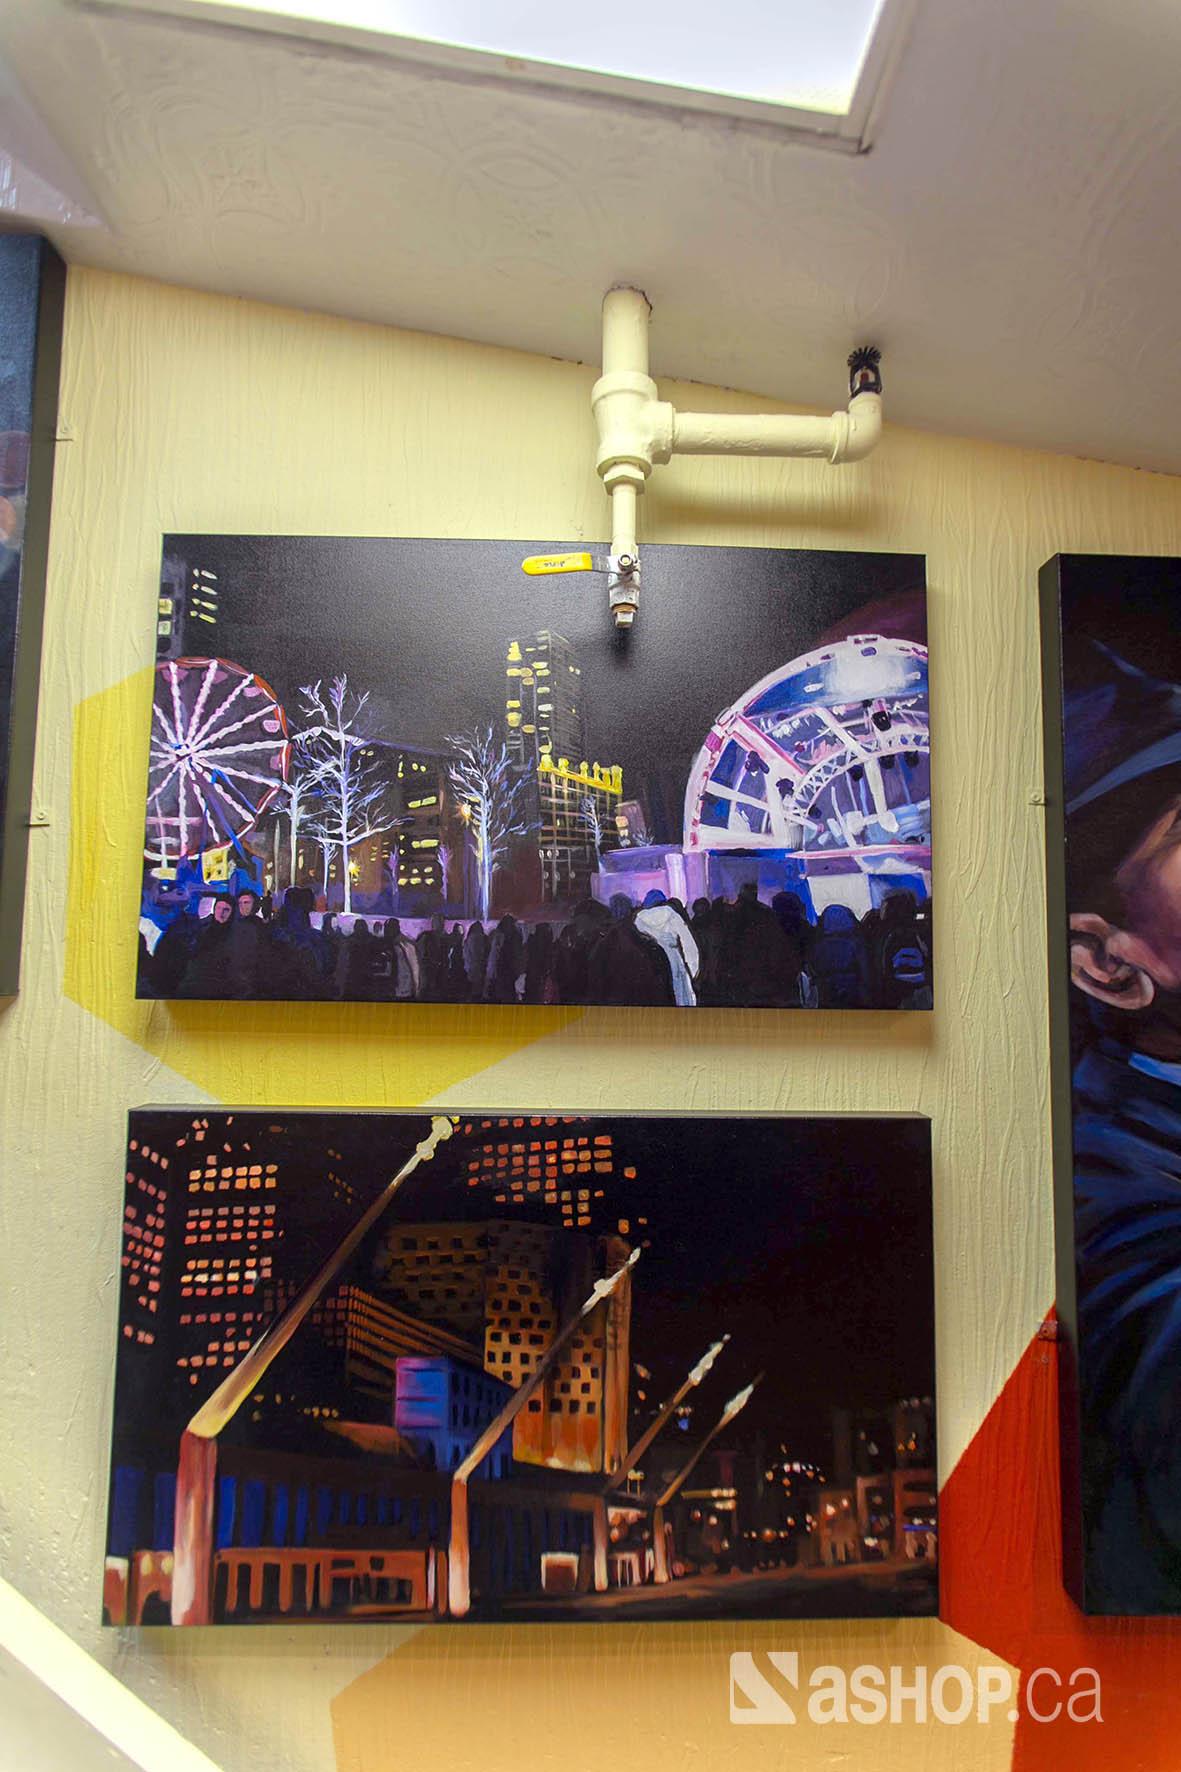 Ashop-A'shop-Graffiti-street-art-Lacey-Leila-canvas-acrylique-contorsioniste-Hotel-des-spectacles-black-apricot-yellow.jpg